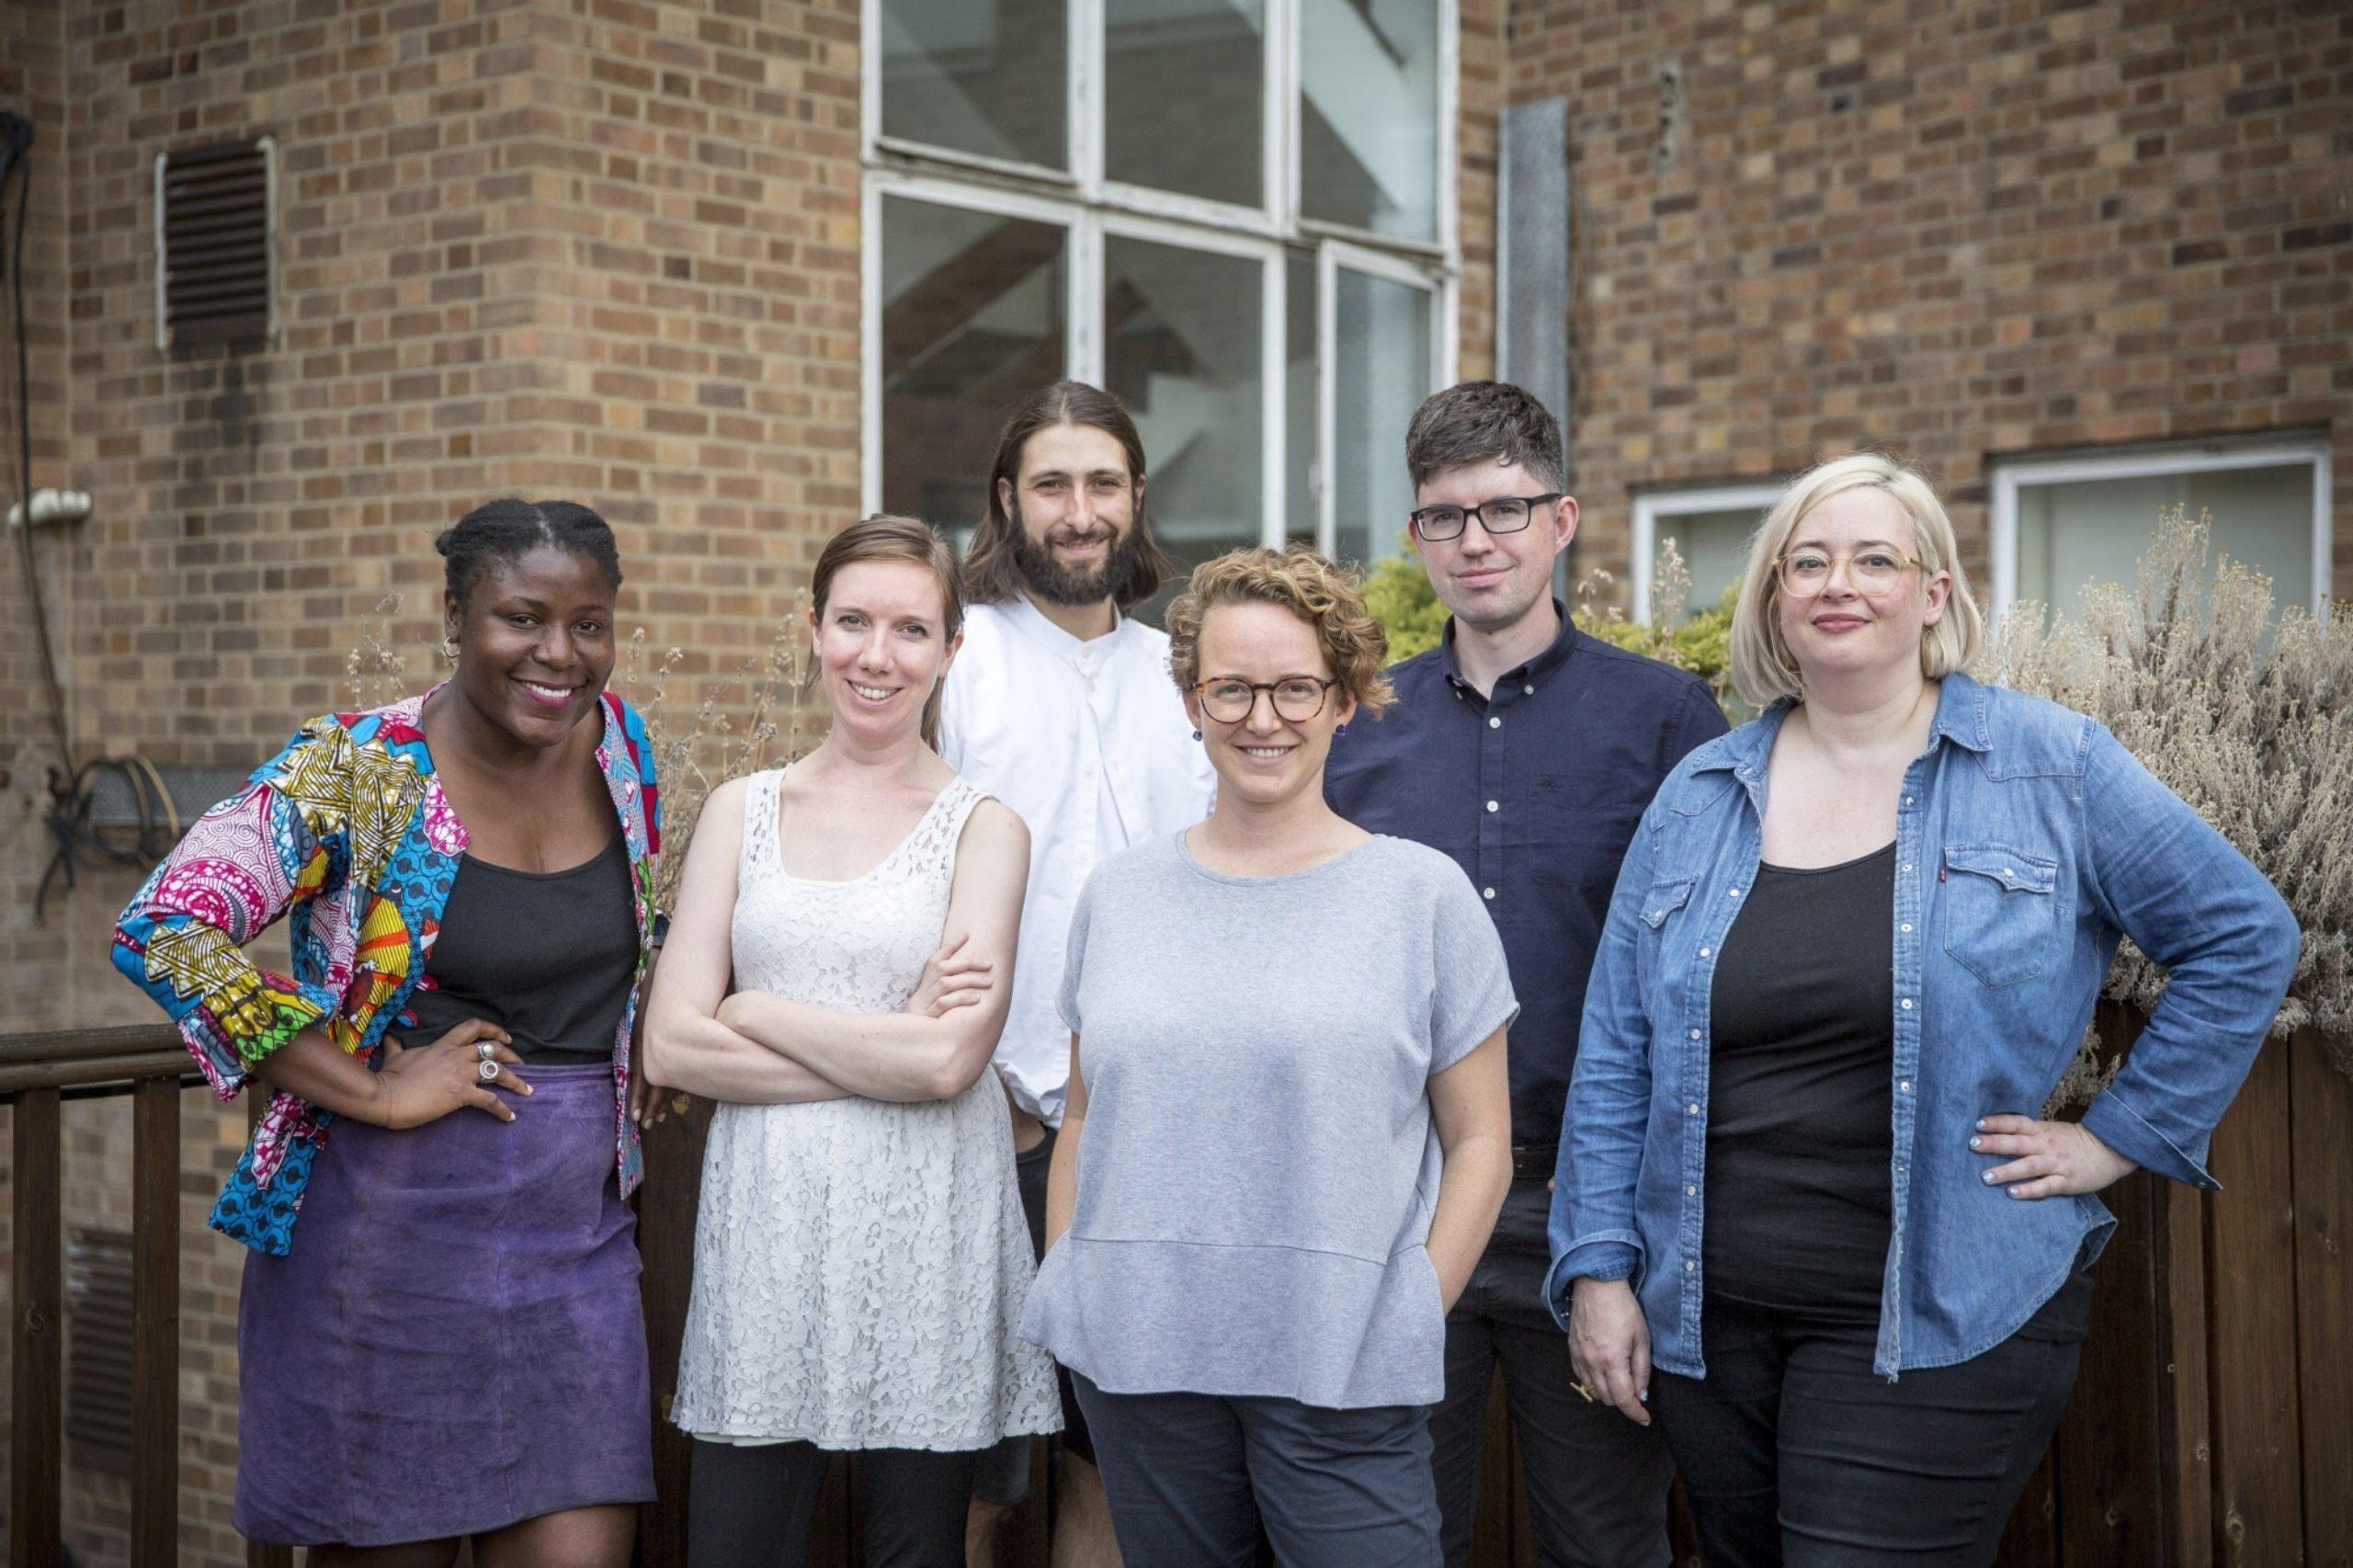 Bureau Local team